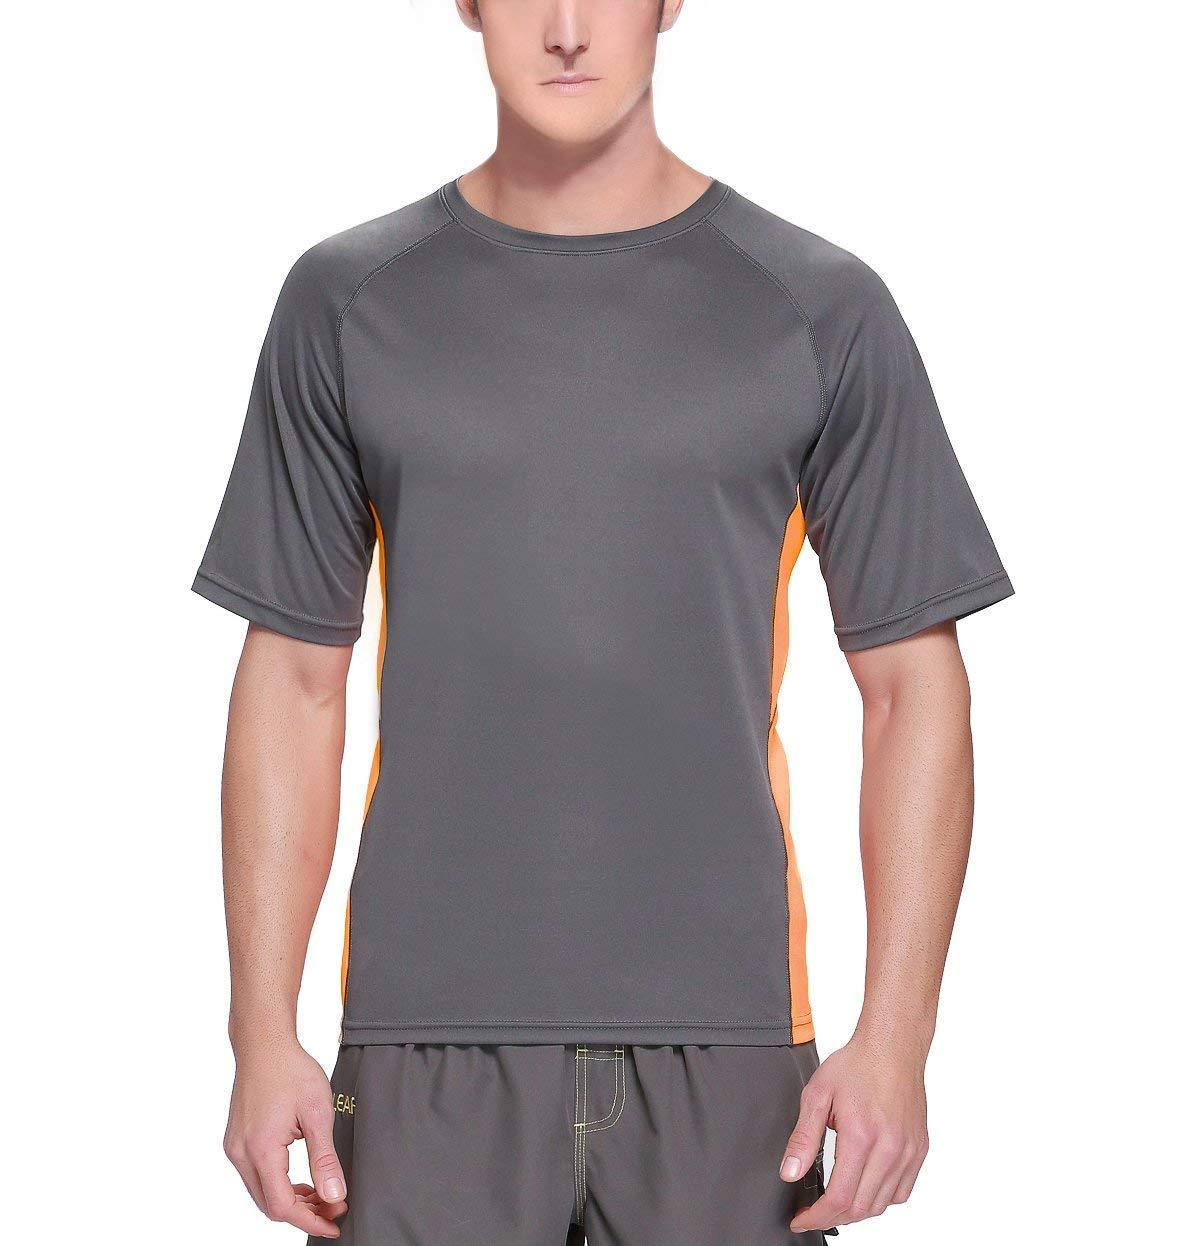 Baleaf Herren Short Sleeve T-Shirt Surf Rashguard Shirt Wassersport Schwimmen Tee UPF 50+